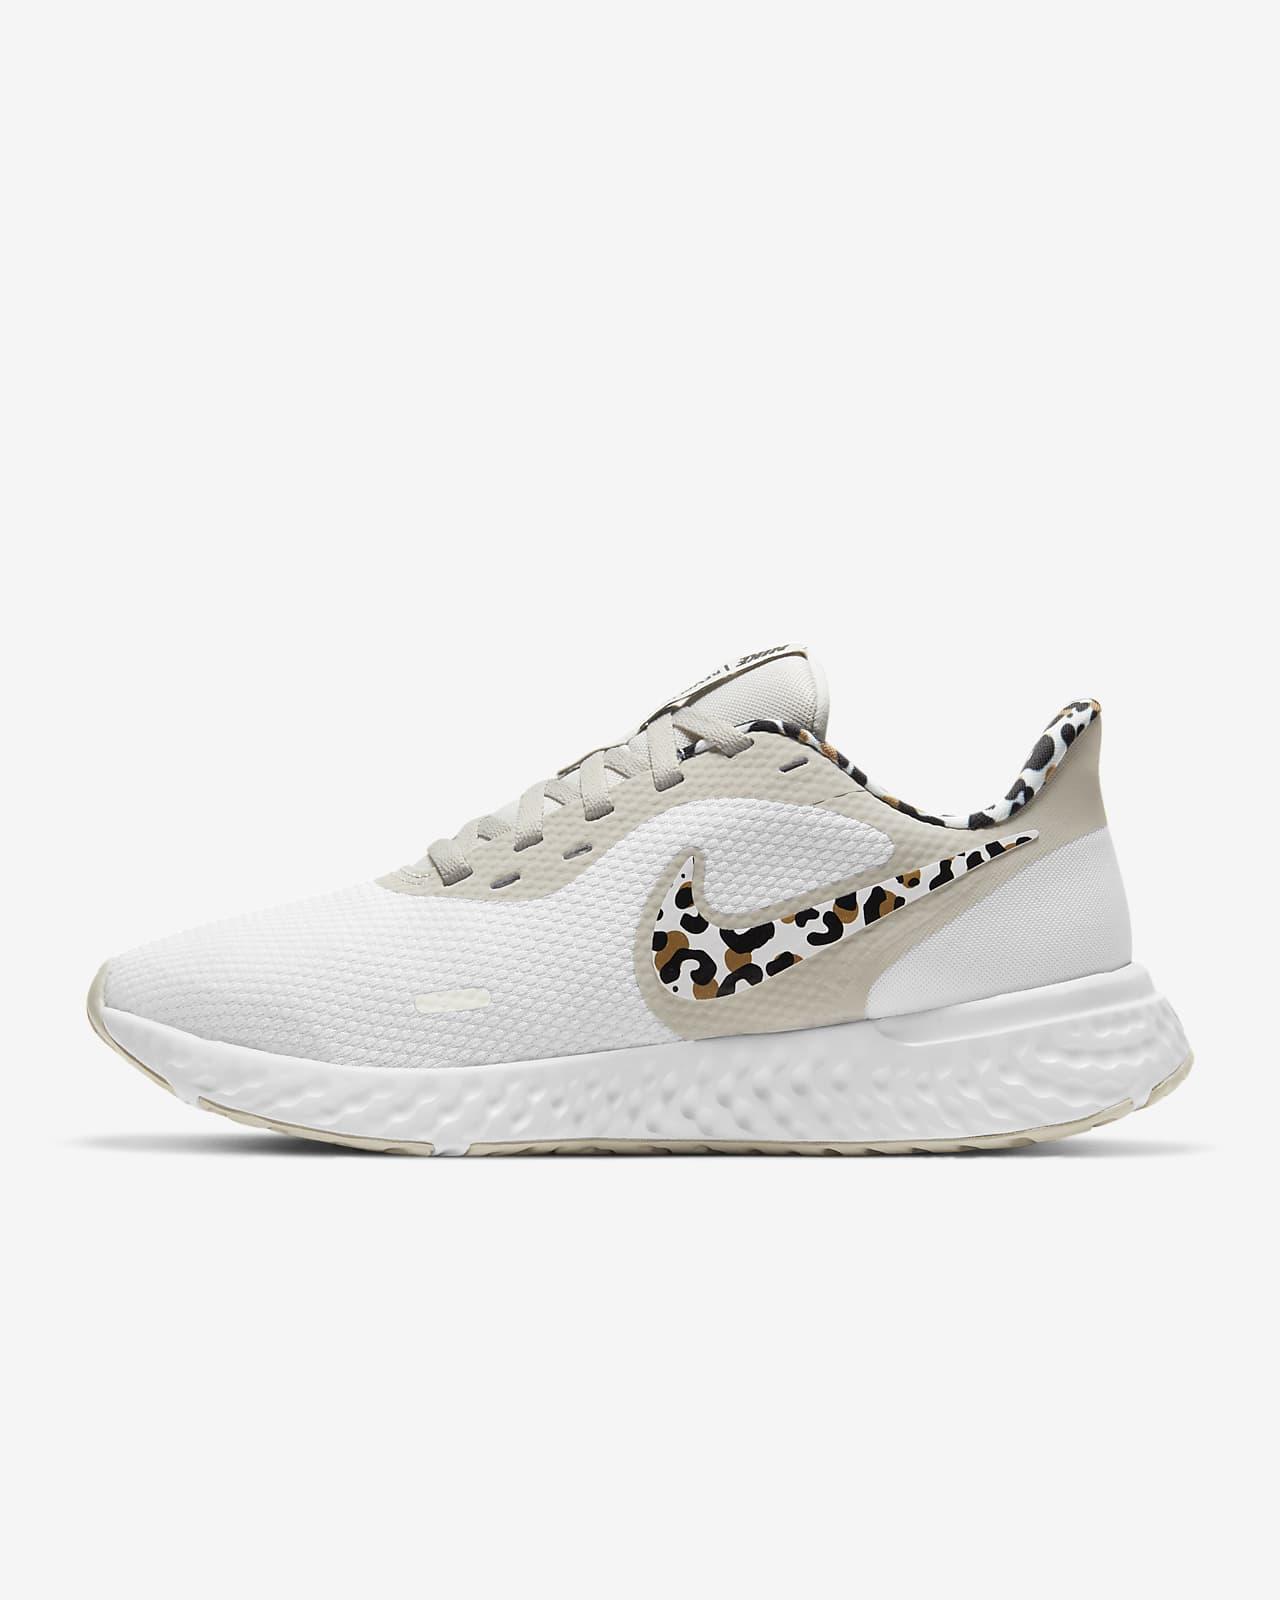 Chaussure de running Nike Revolution 5 PRM pour Femme